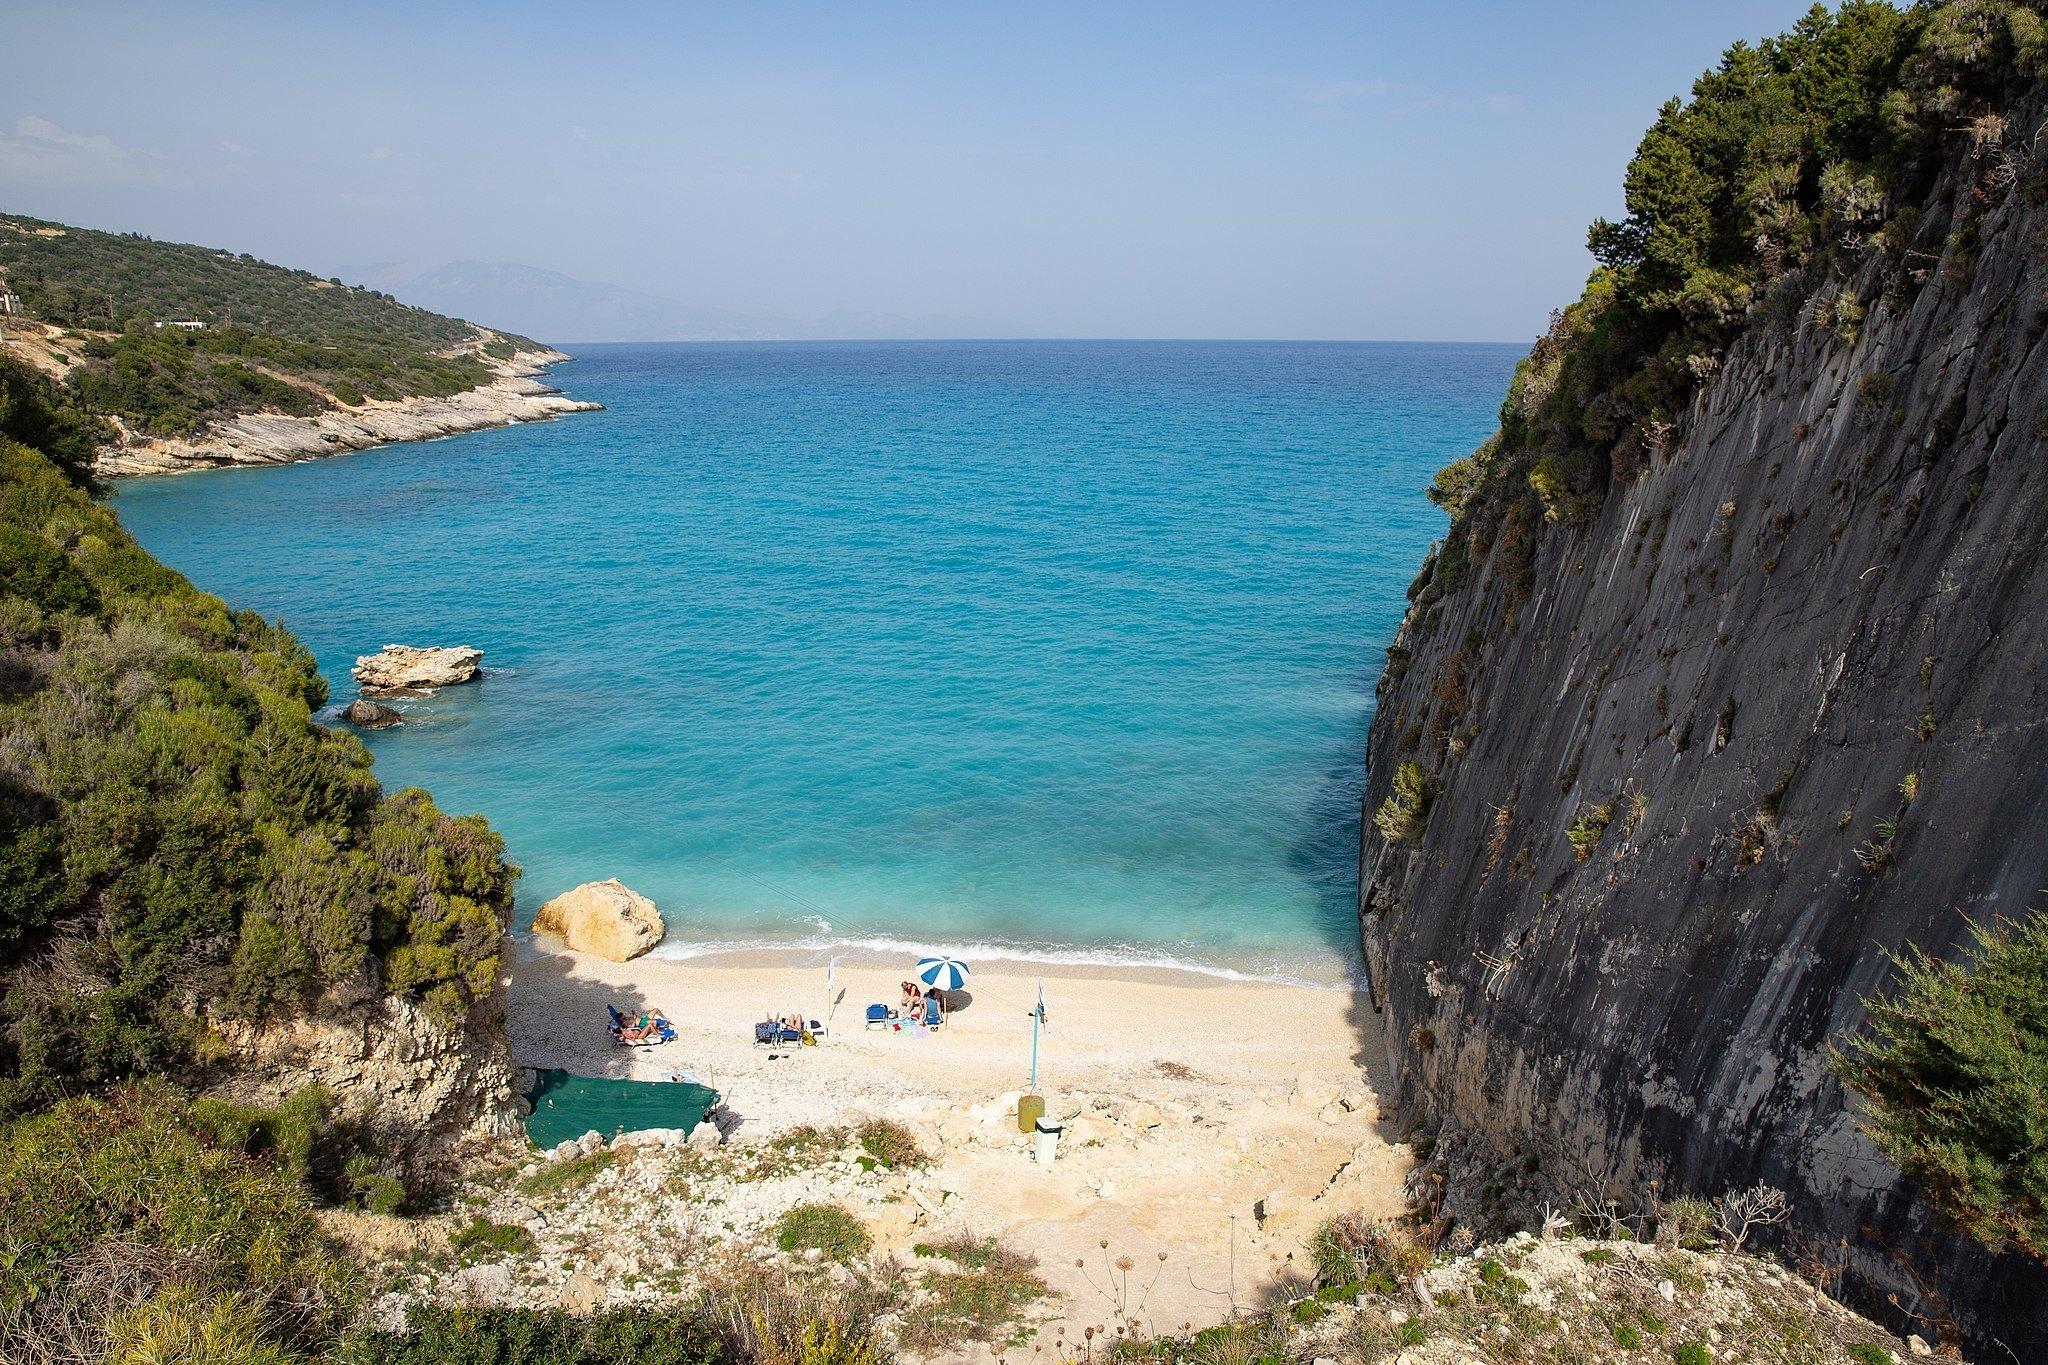 Xigia beach in Zakynthos